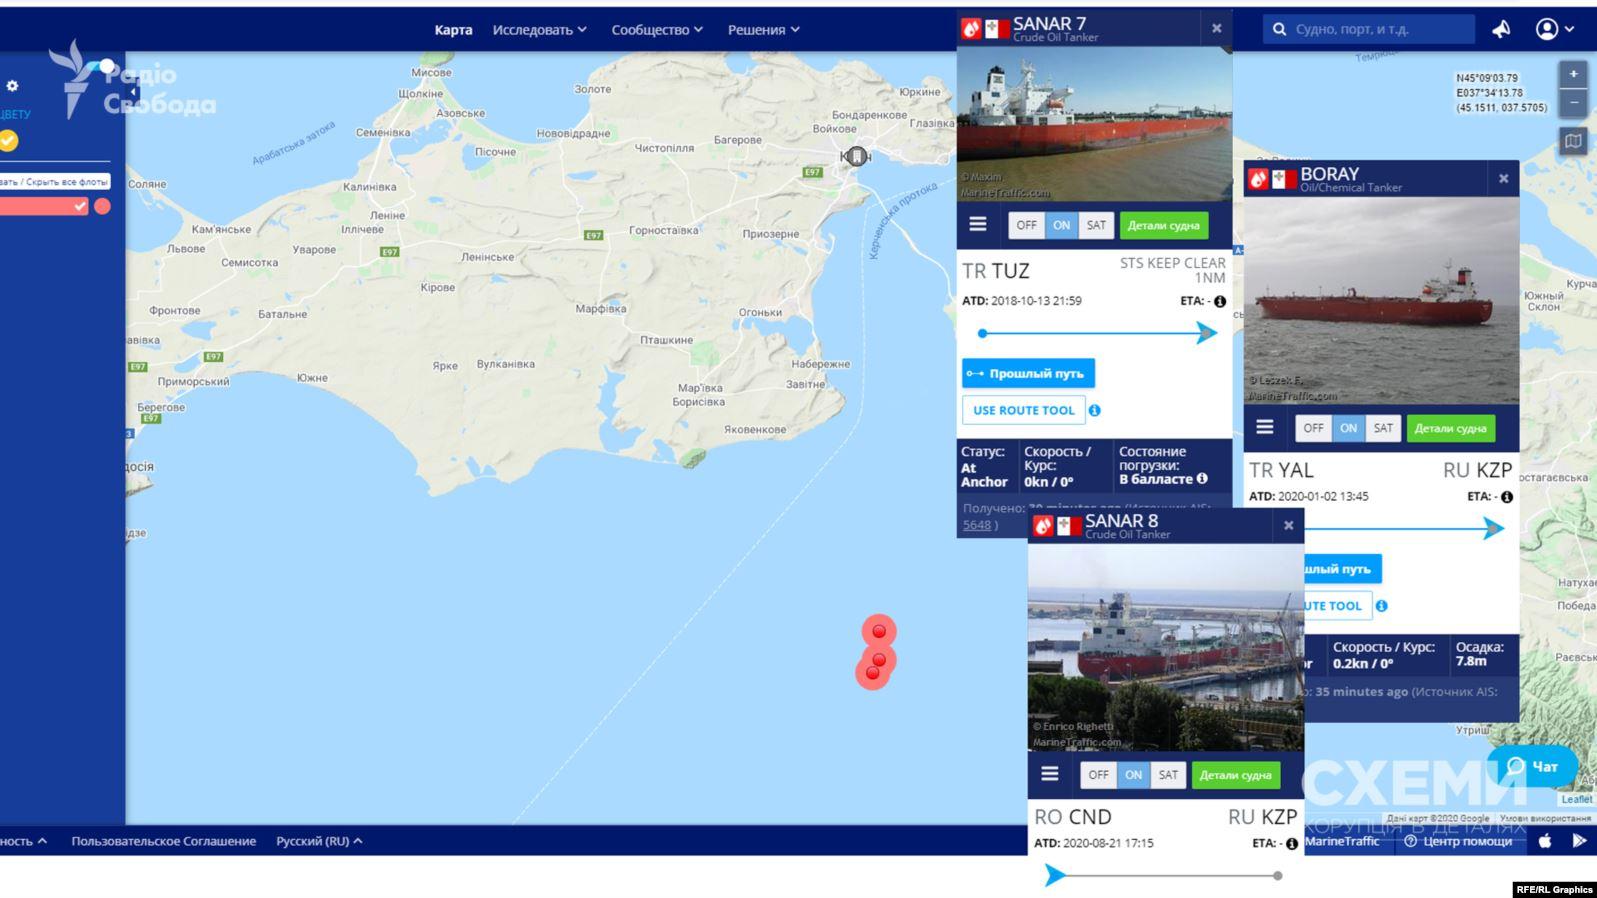 За даними Marine Traffic три великі танкери з мальтійськими прапорами майже непорушно стоять у нейтральних водах Чорного моря